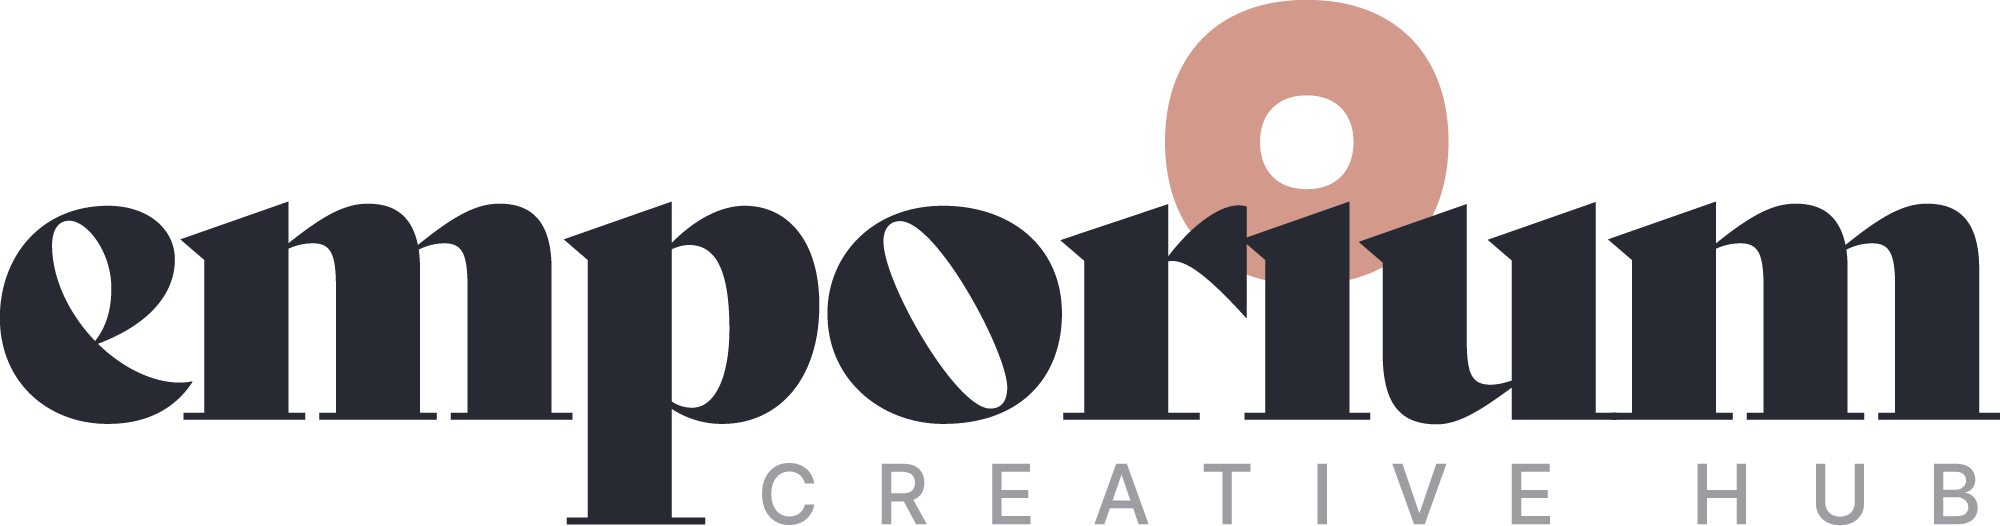 Emporium Creative Hub